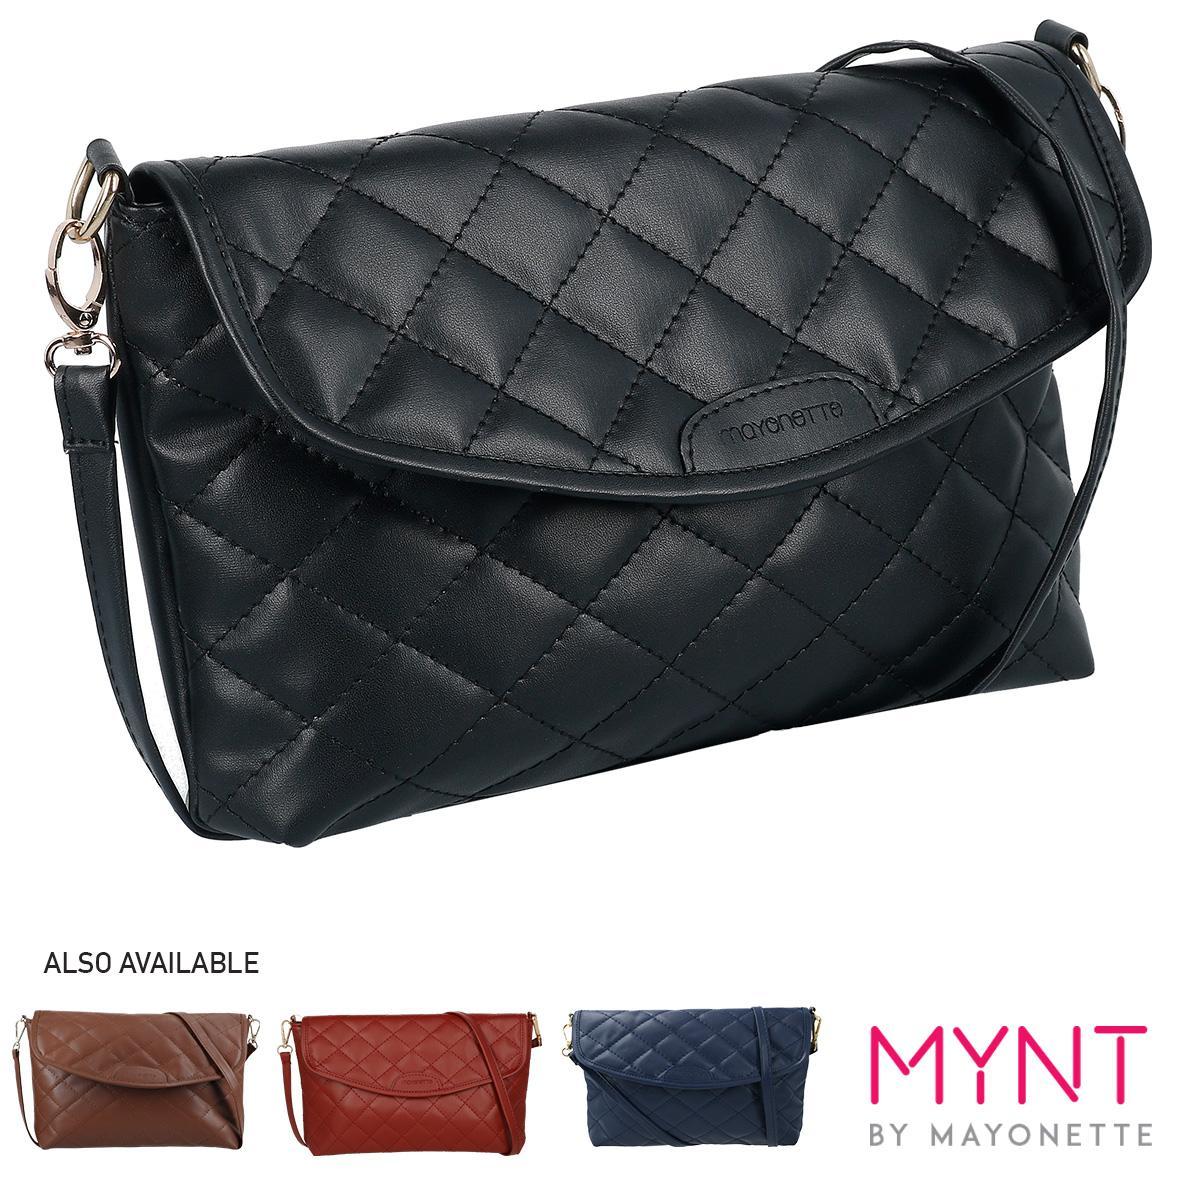 MYNT by Mayonette Tas Selempang Wanita Korean Style Best Seller Branded  Akiko Sling  52ce45bfa9